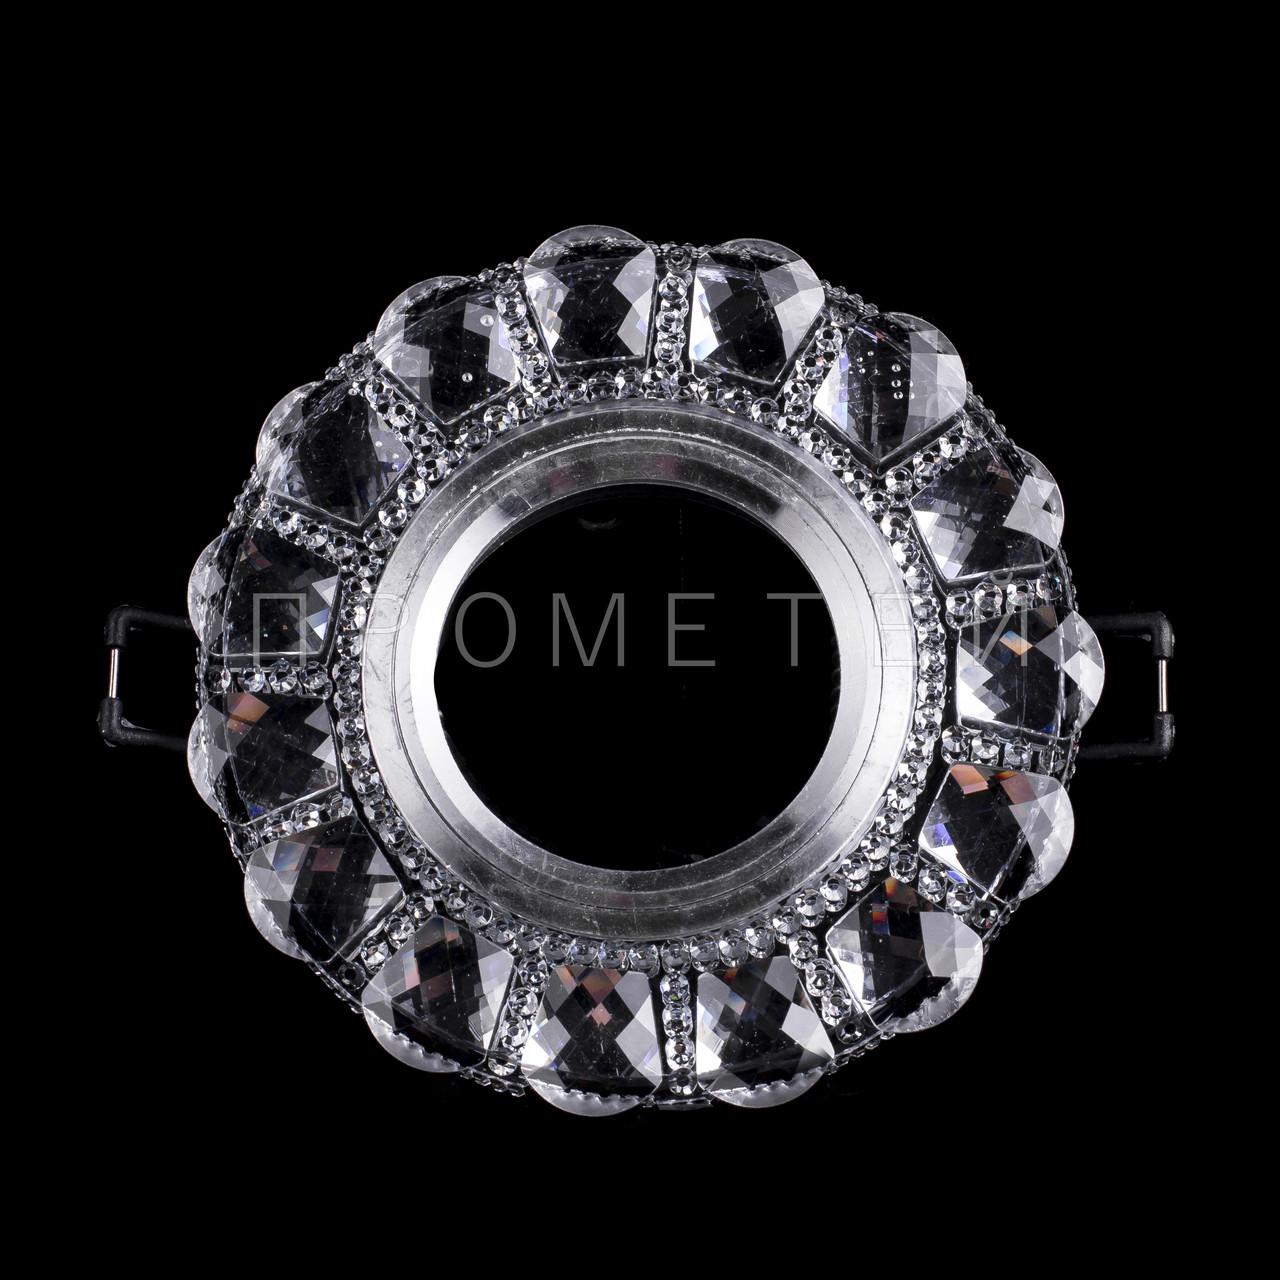 Точковий світильник Прометей з LED підсвічуванням MR16 P3-079